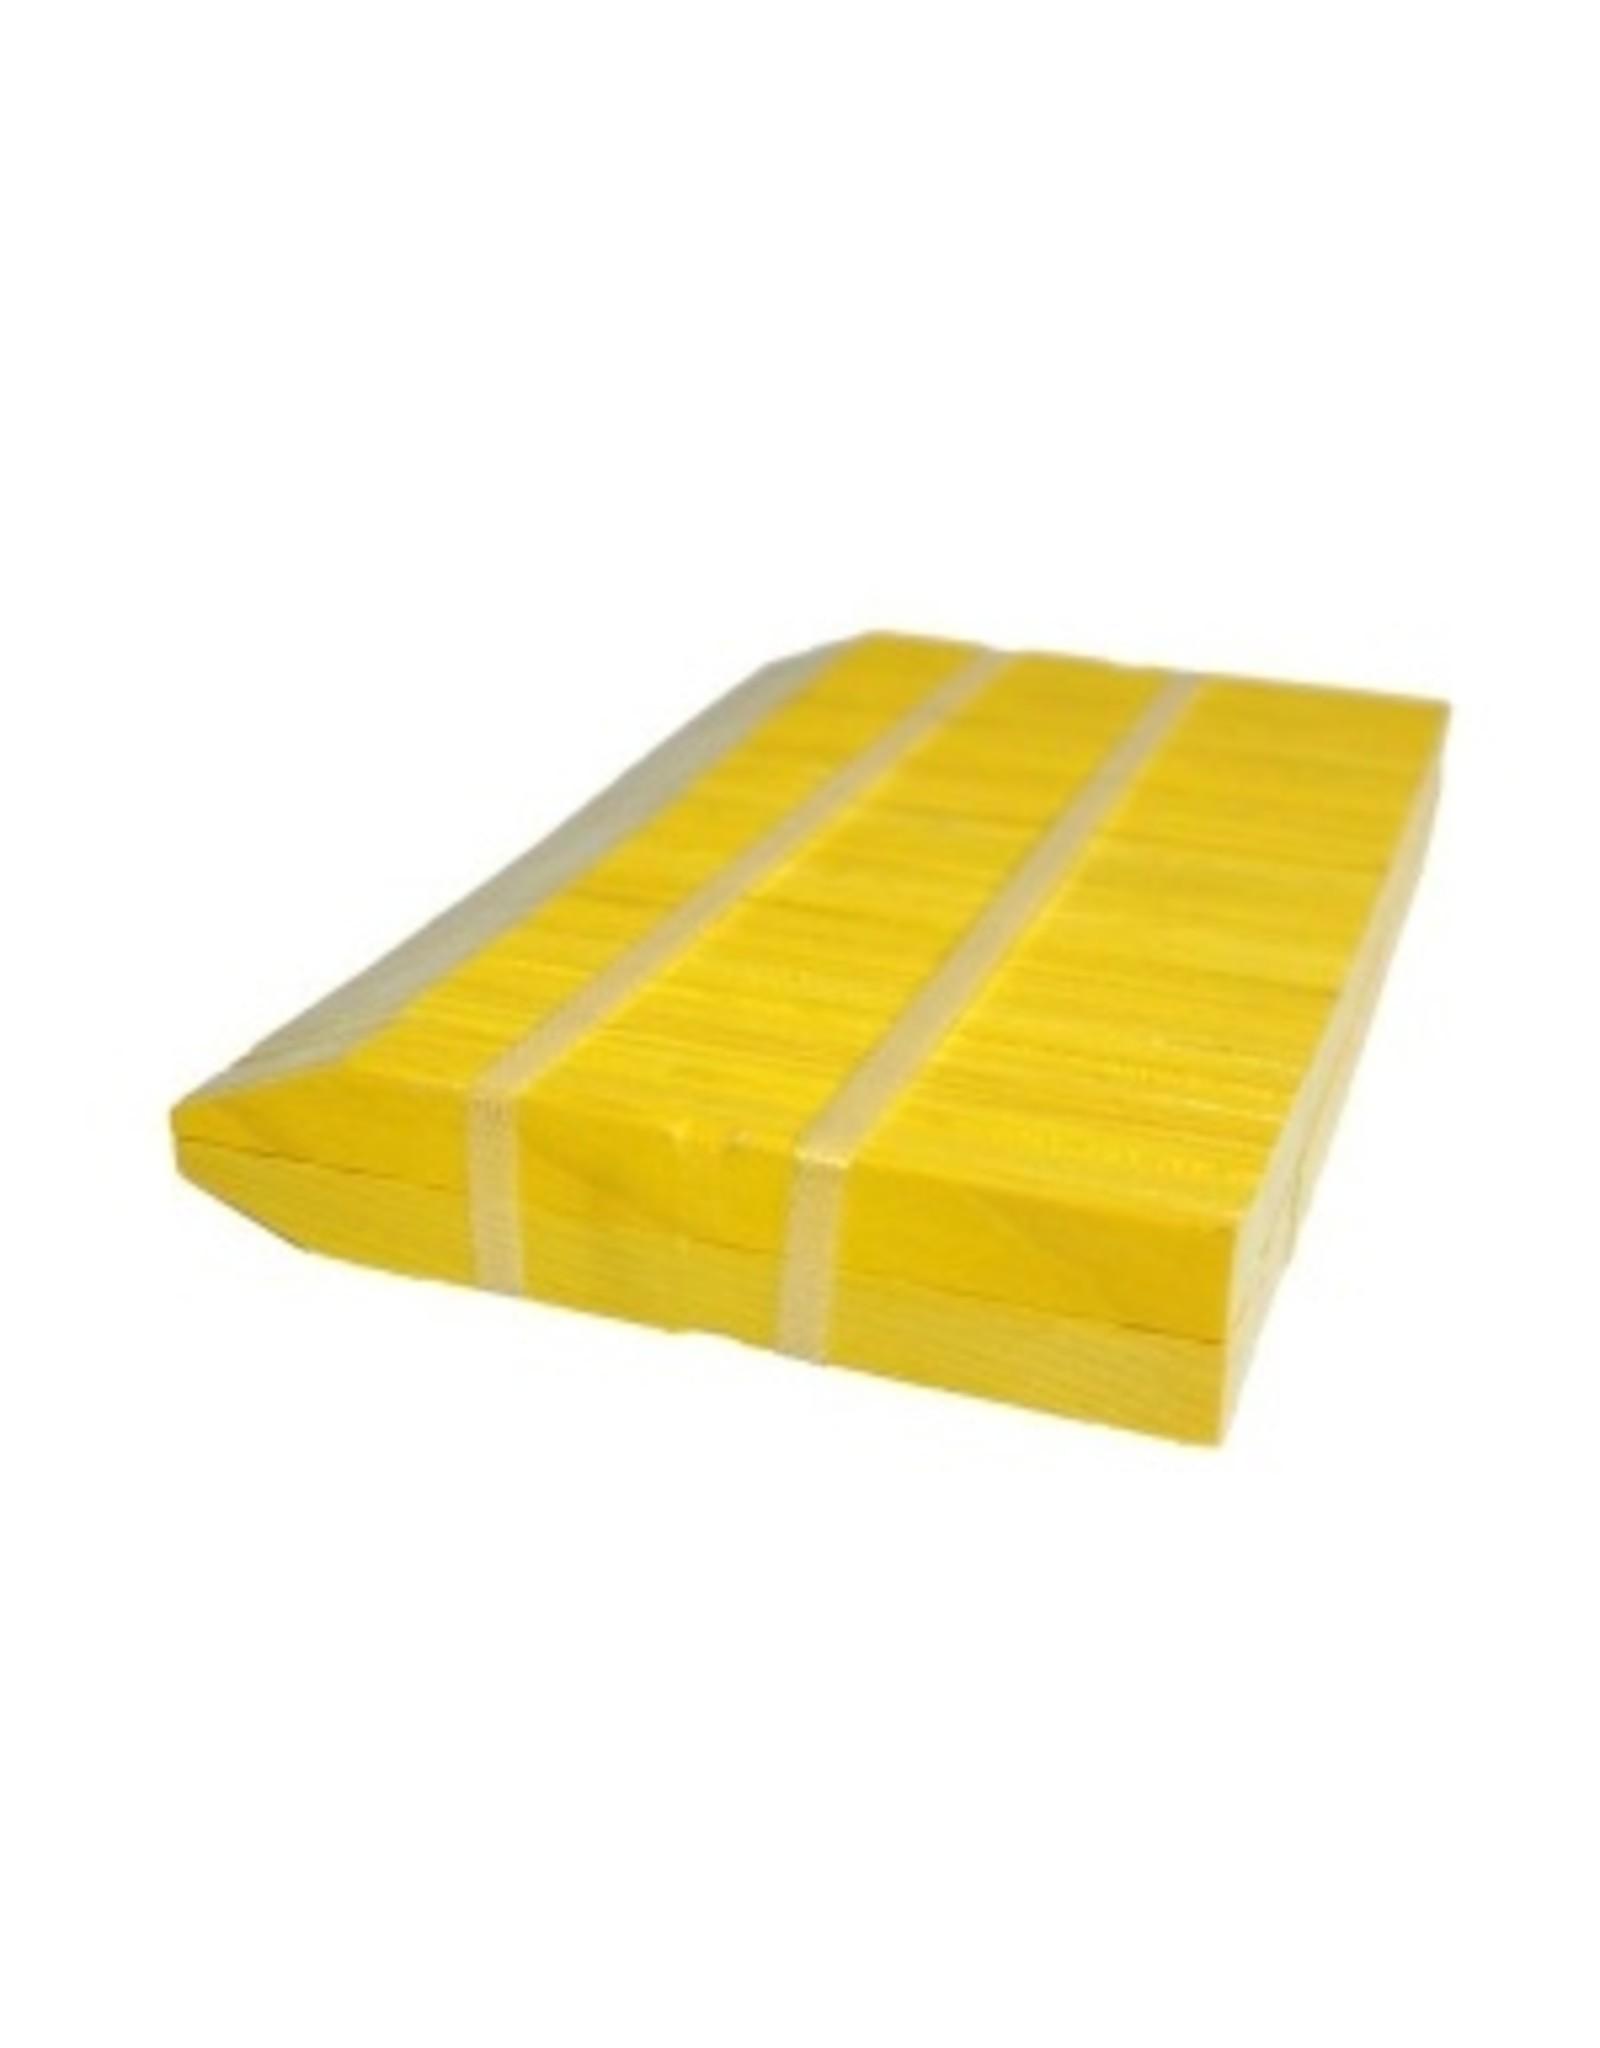 Stecketiketten Holz gelb 100 Stk. 8x1.5cm